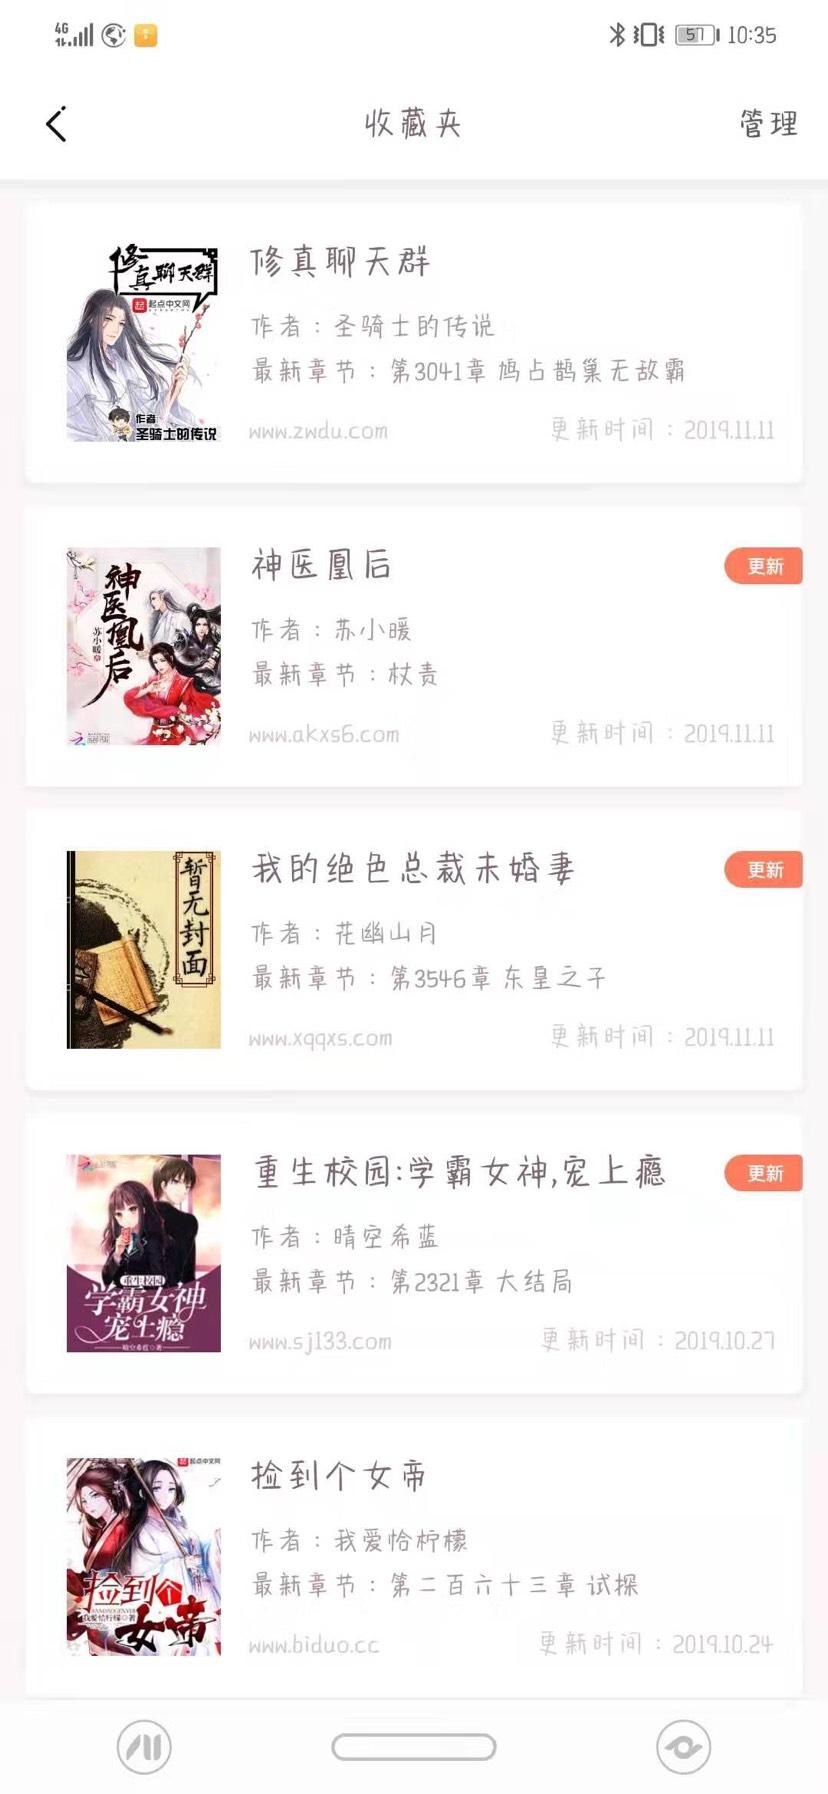 【分享】蜜桃V0.5.5-小说终结者!全网热门小说资源聚合纯净版-爱小助